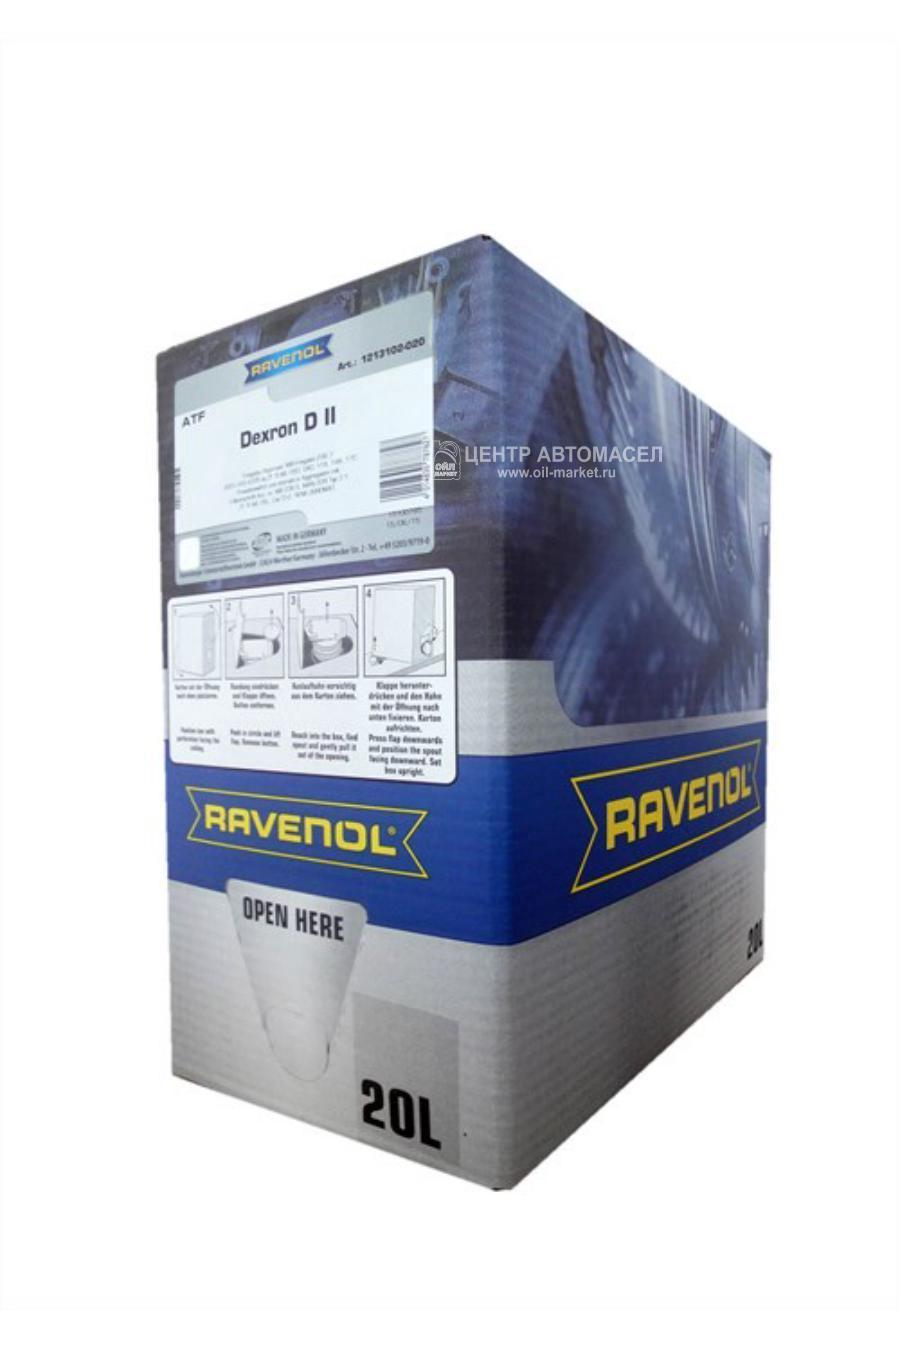 Высококачественное минеральное трансмиссионное масло для автоматических трансмиссий, гур, гидротрансформаторовцвет жидкости крас